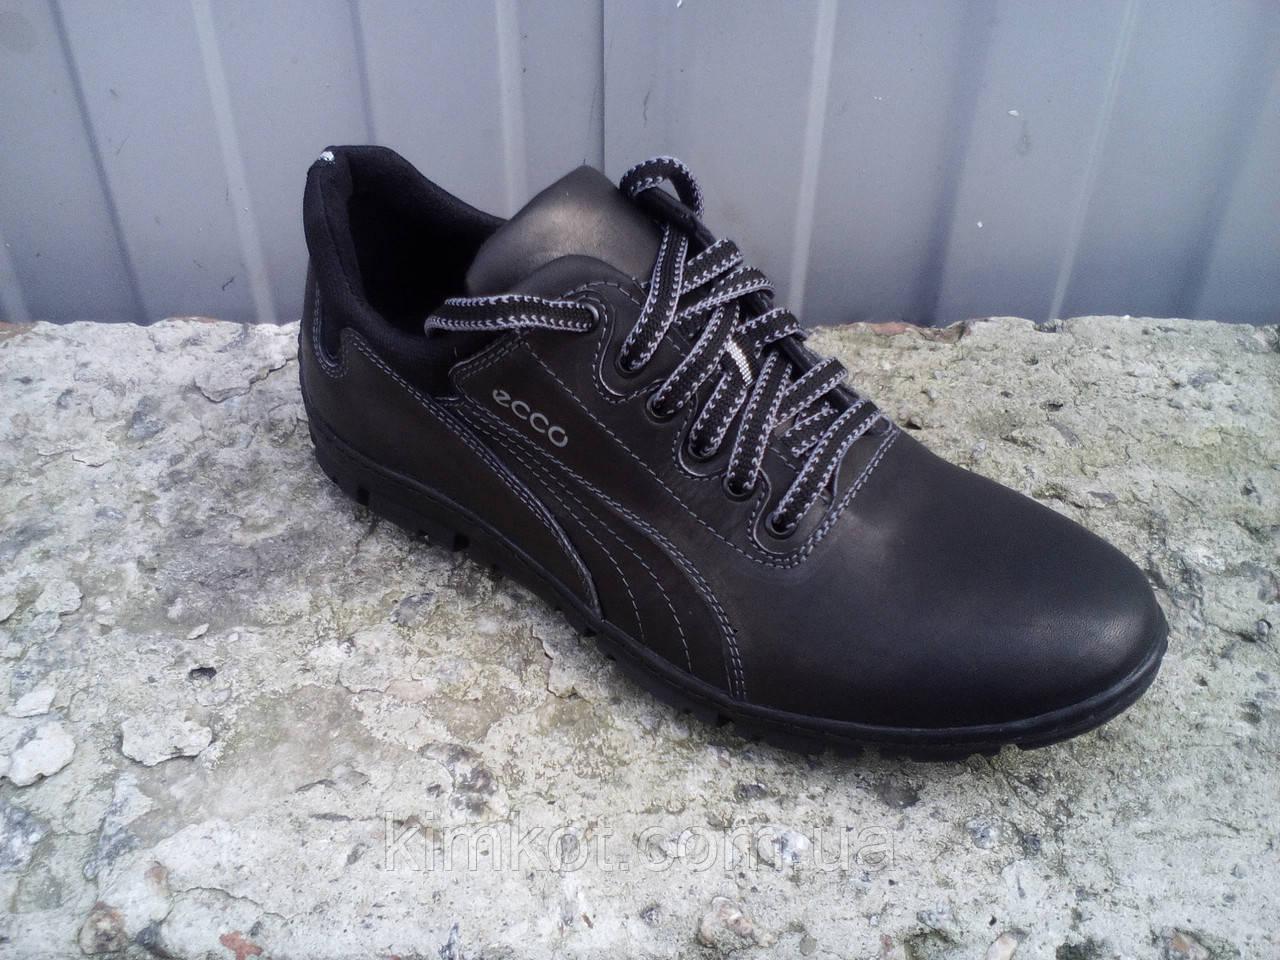 3abd8d6cb135 Кроссовки туфли мужские кожаные Ecco 40 -45 р-р - Интернет-Магазин